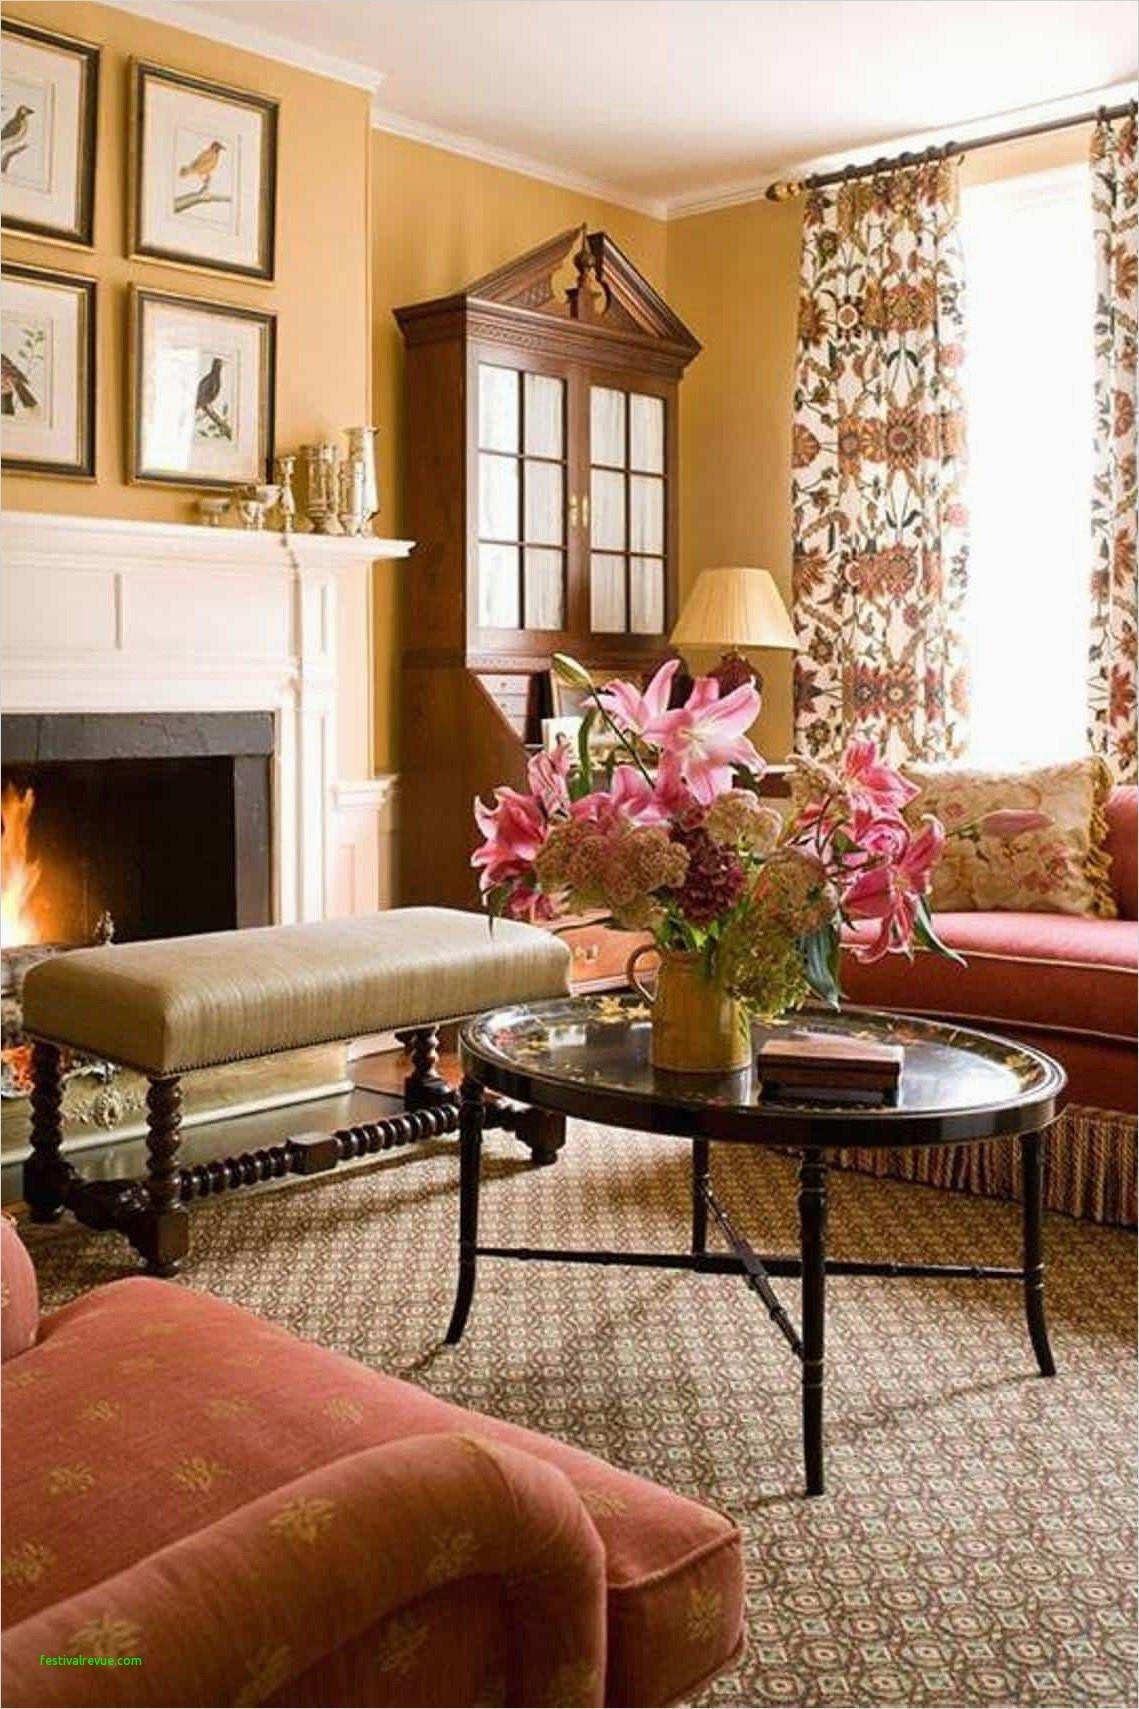 Vase Lights Of 16 Awesome Flower Vase Lights Bogekompresorturkiye Com Intended for Living Room Flower Vaseh Vases Vase Like Architecture Interior Design Follow Us I 0d 39 Unique